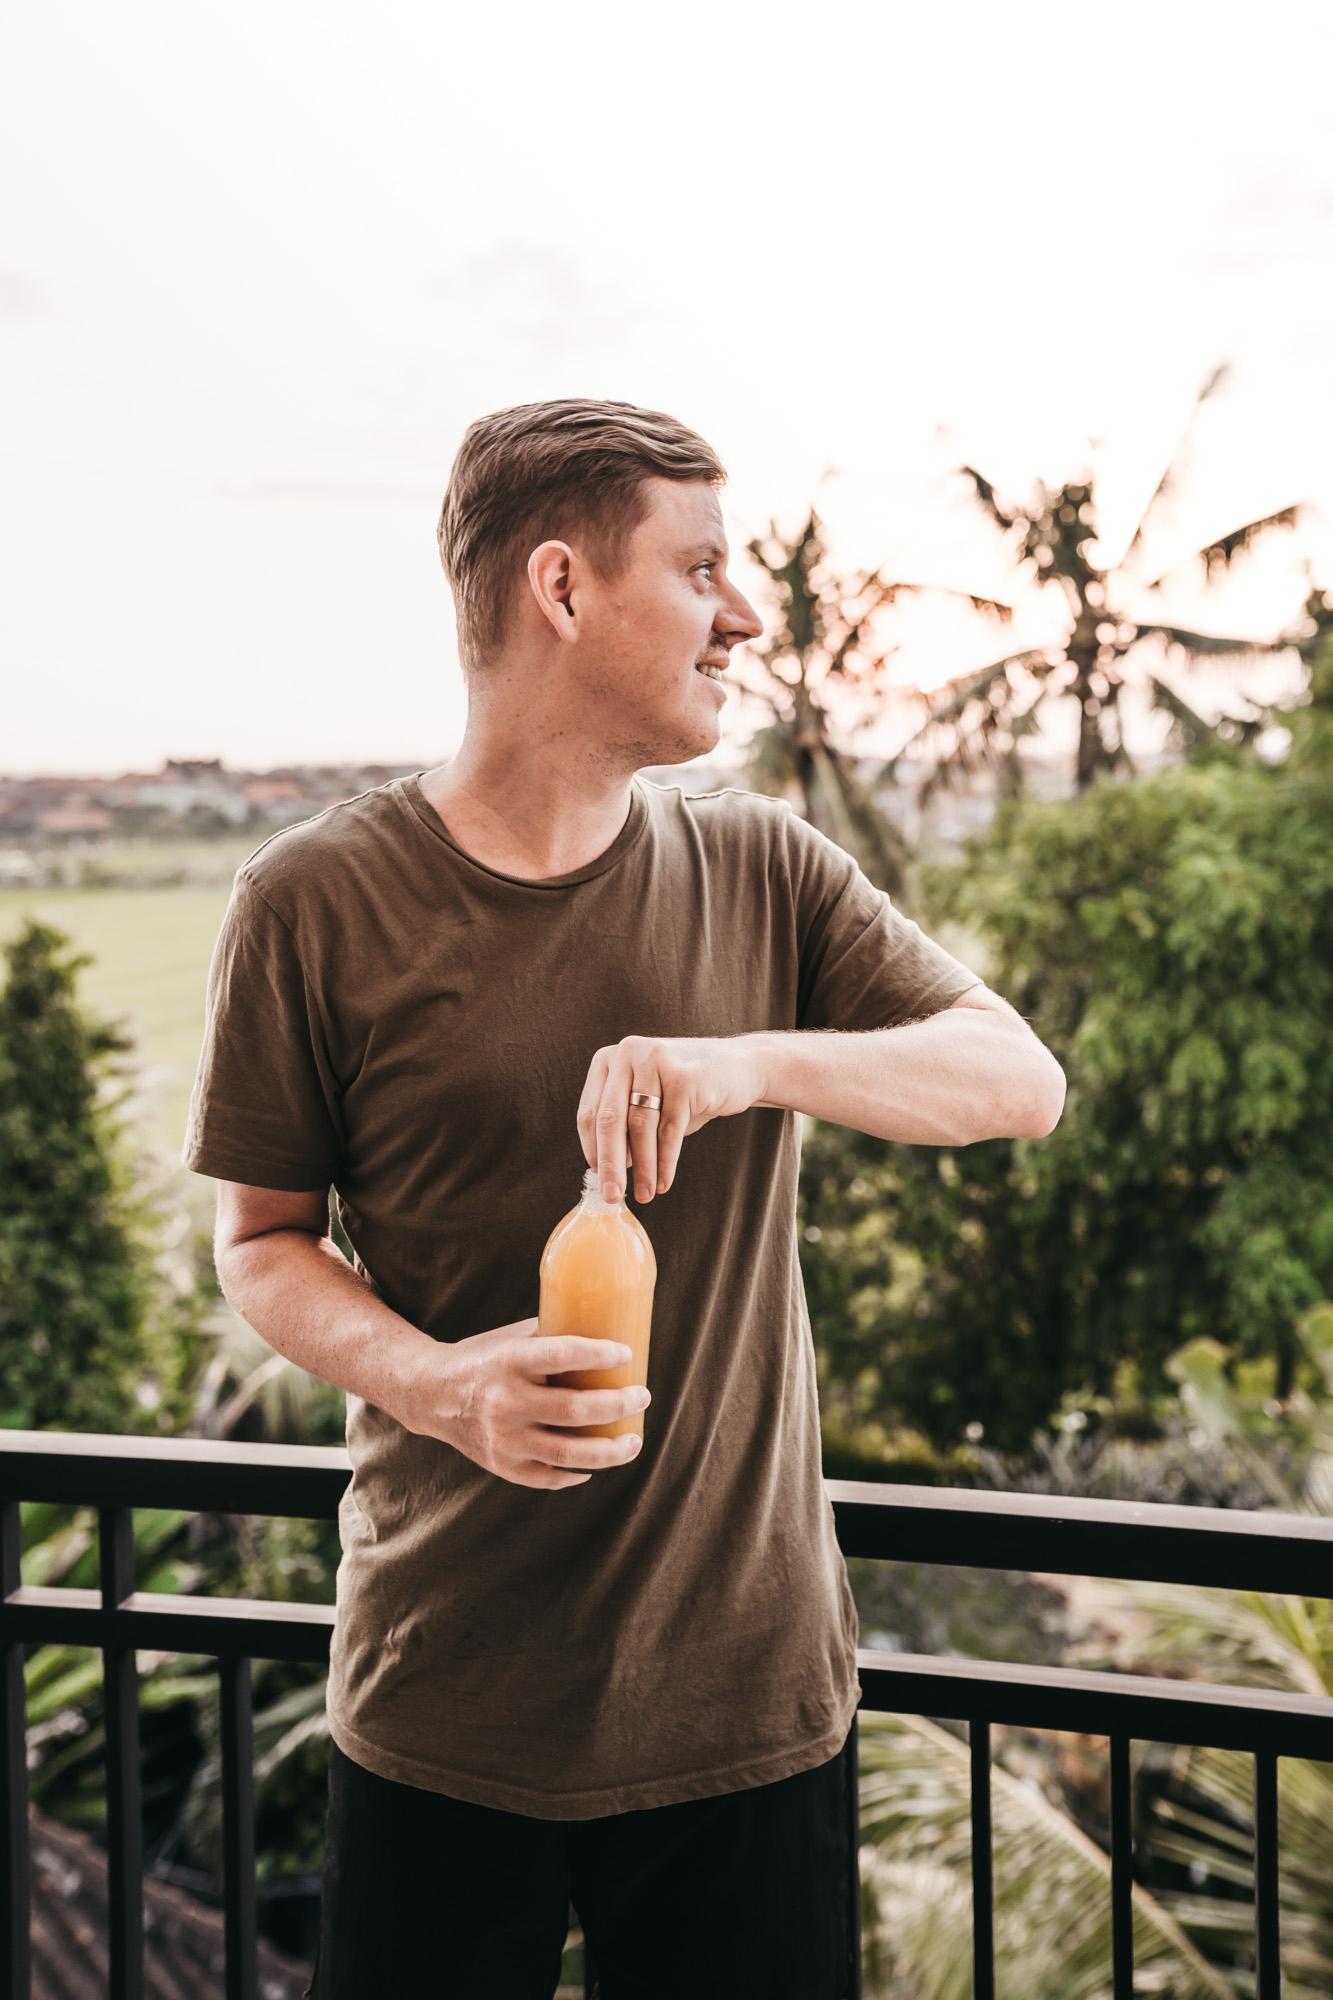 keira-mason-remix-opening-juice.jpg